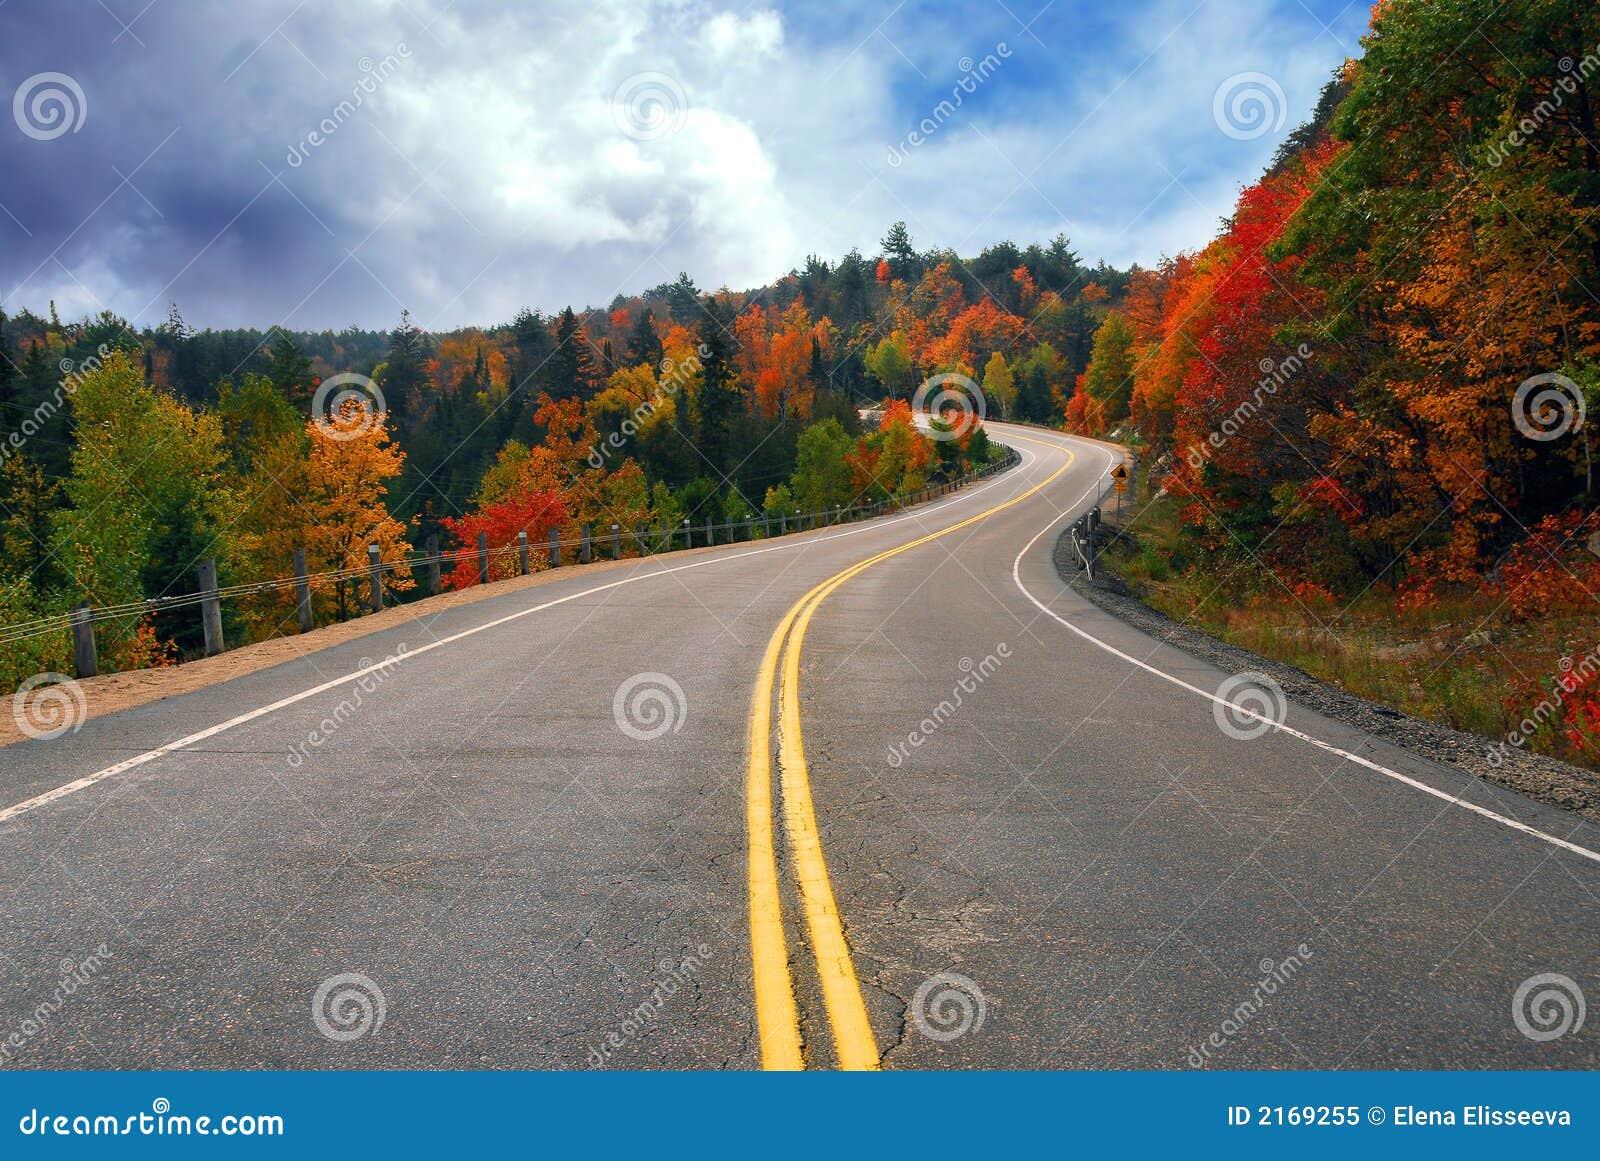 Estrada da queda